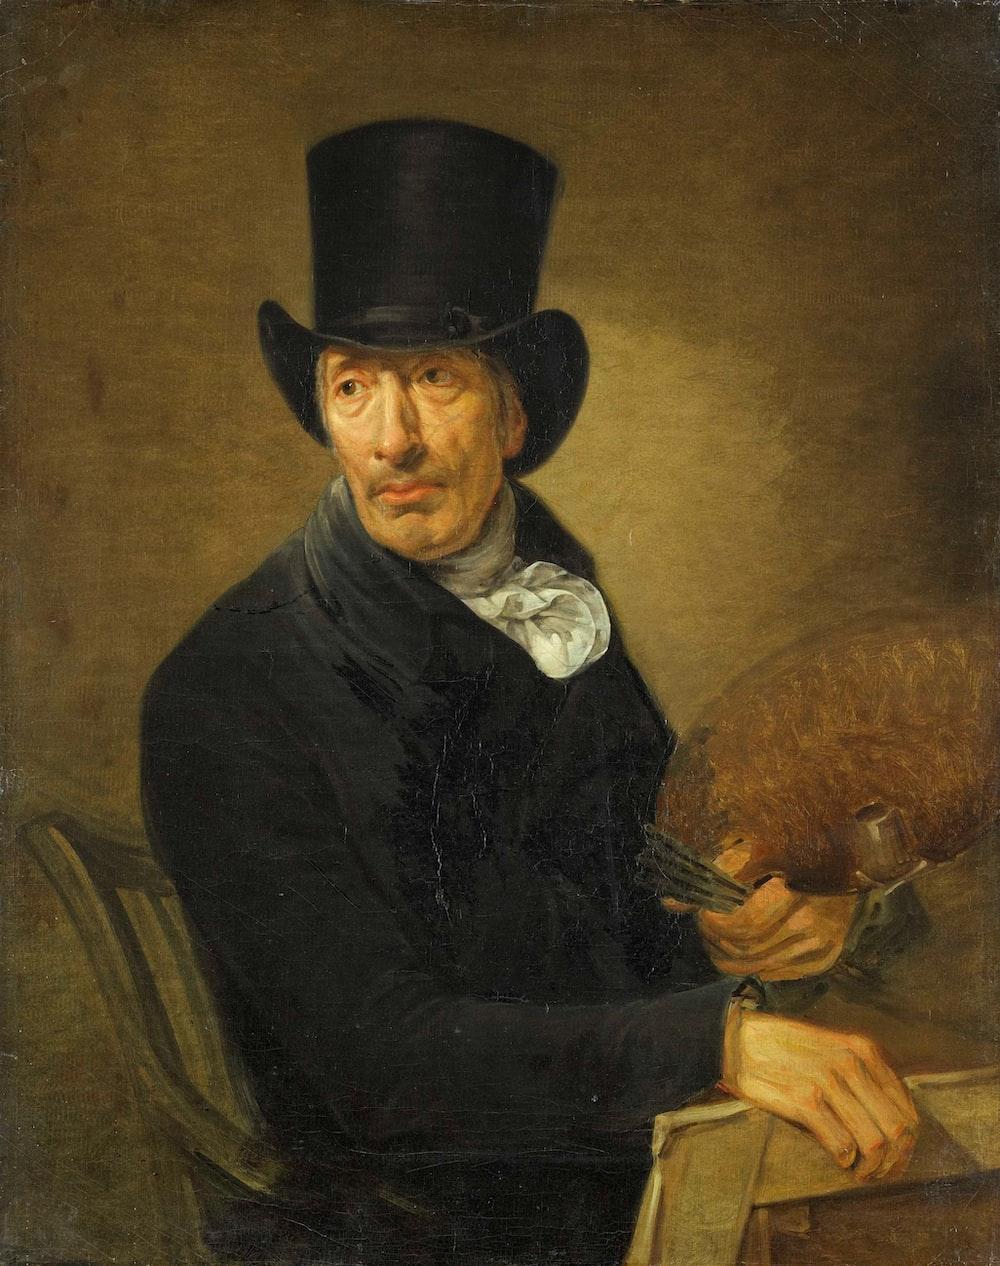 man in black cowboy hat holding brown animal